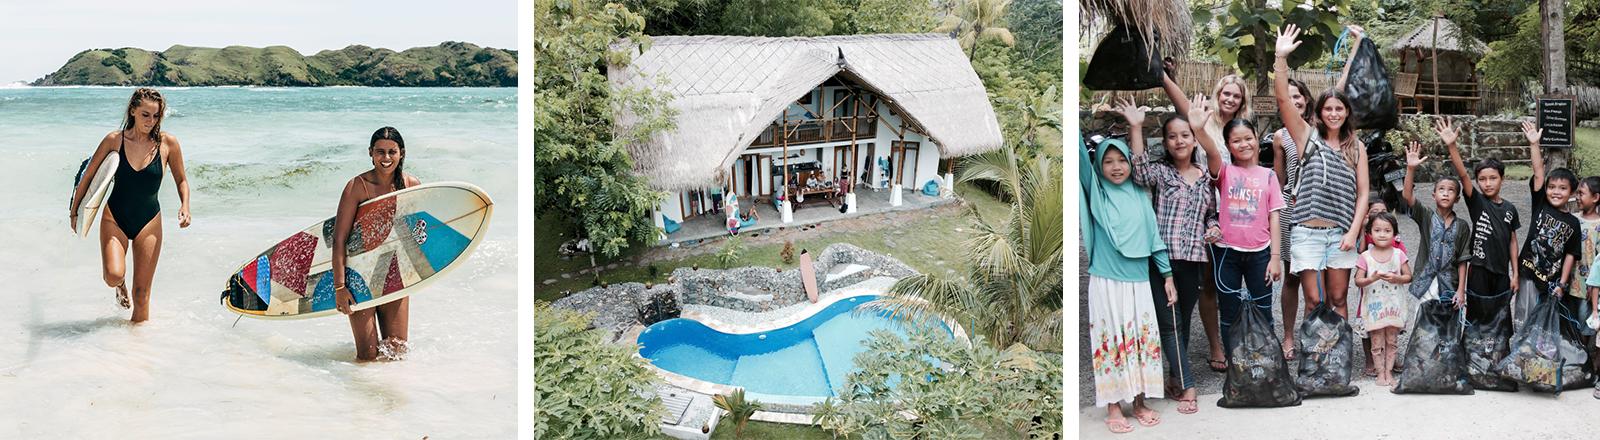 Zwei Frauen mit Surfbrett, ein Gästehaus mit Pool, eine Gruppe Frauen und Kinder beim Müllsammeln (Lombok, Indonesien)